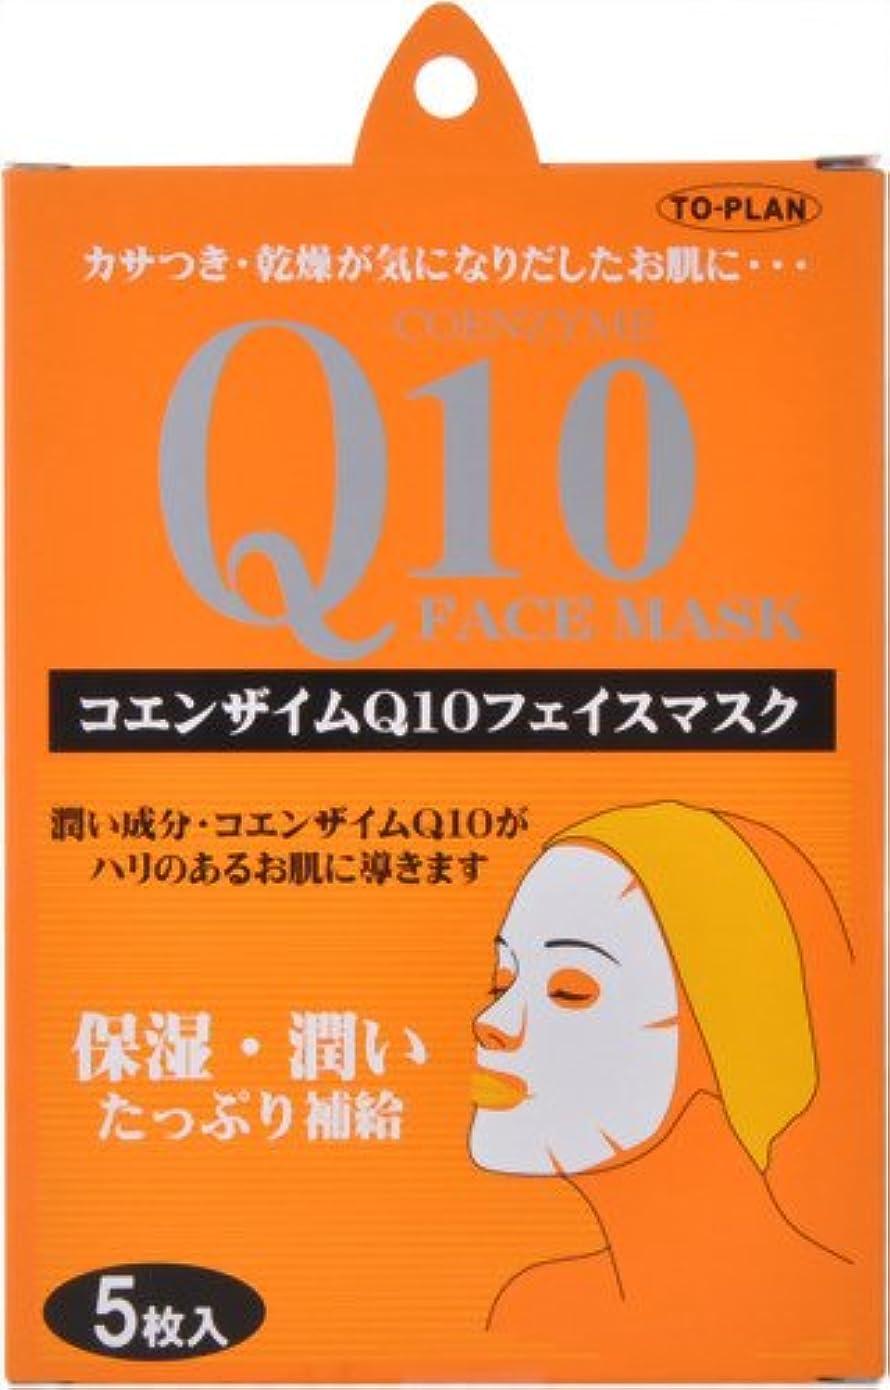 狂乱変換布TO-PLAN(トプラン) Q10フェイスマスク 5枚入り